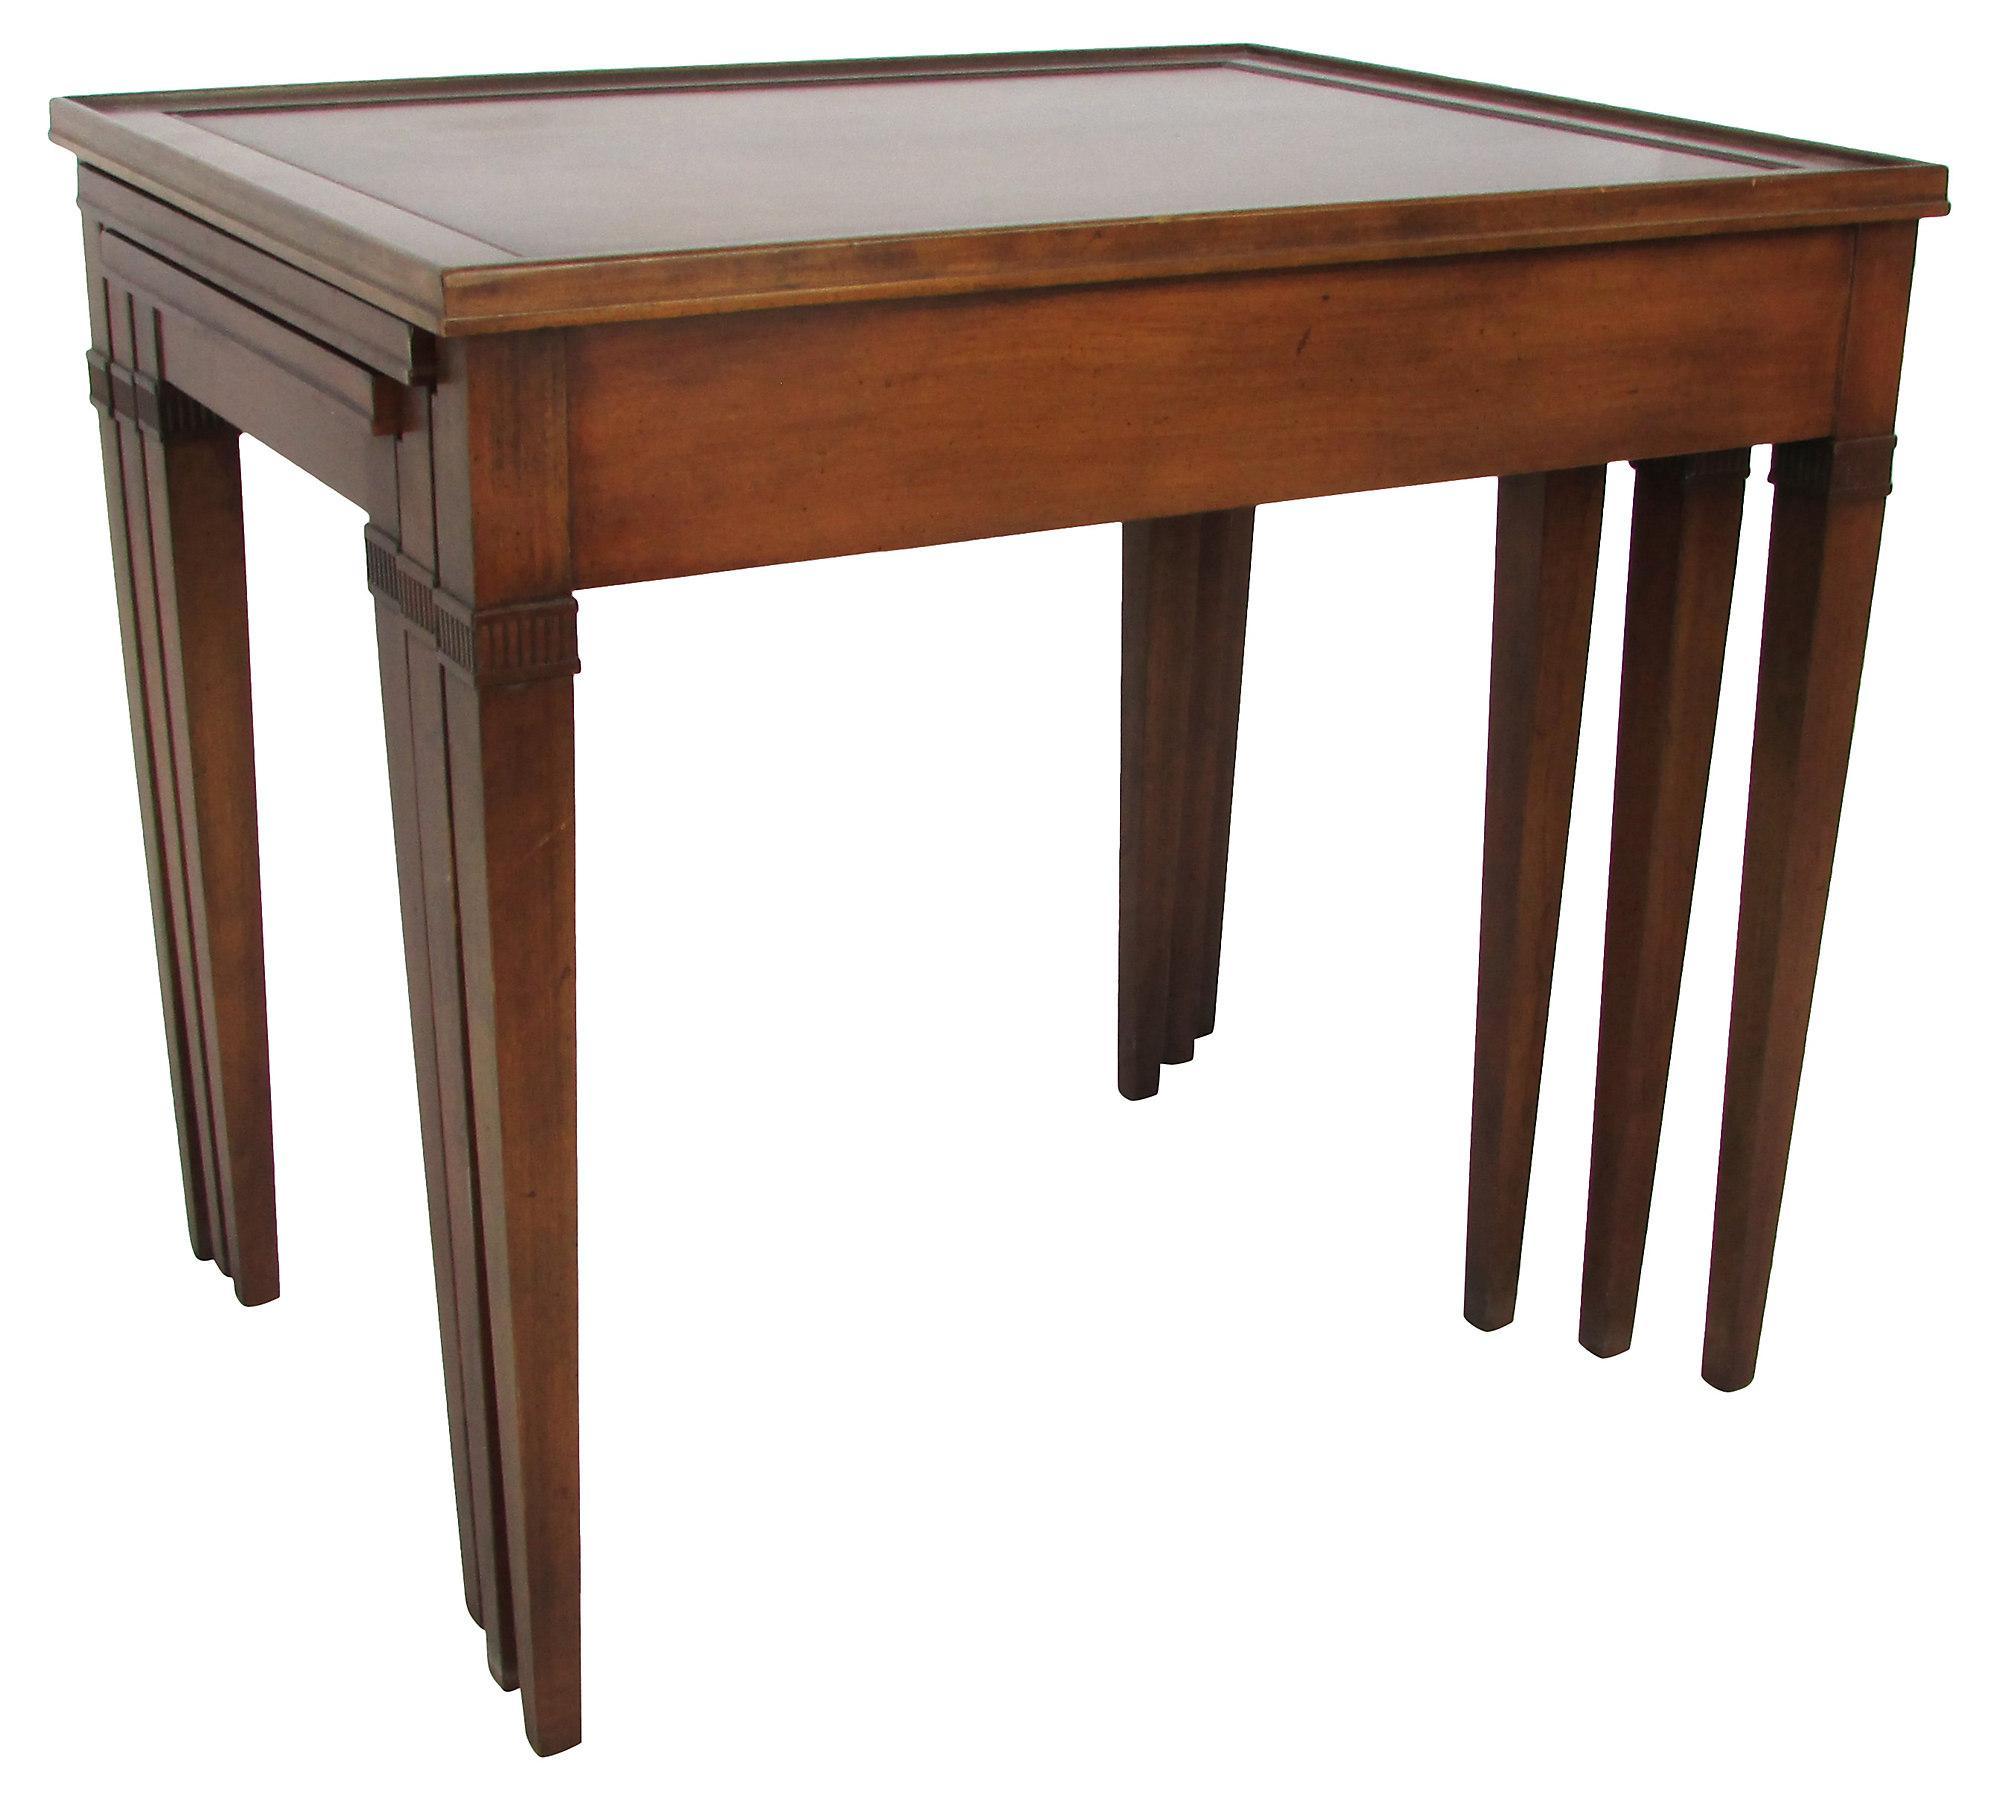 Amazing Image Of Regency Style Mahogany Nesting Tables   Set Of 3